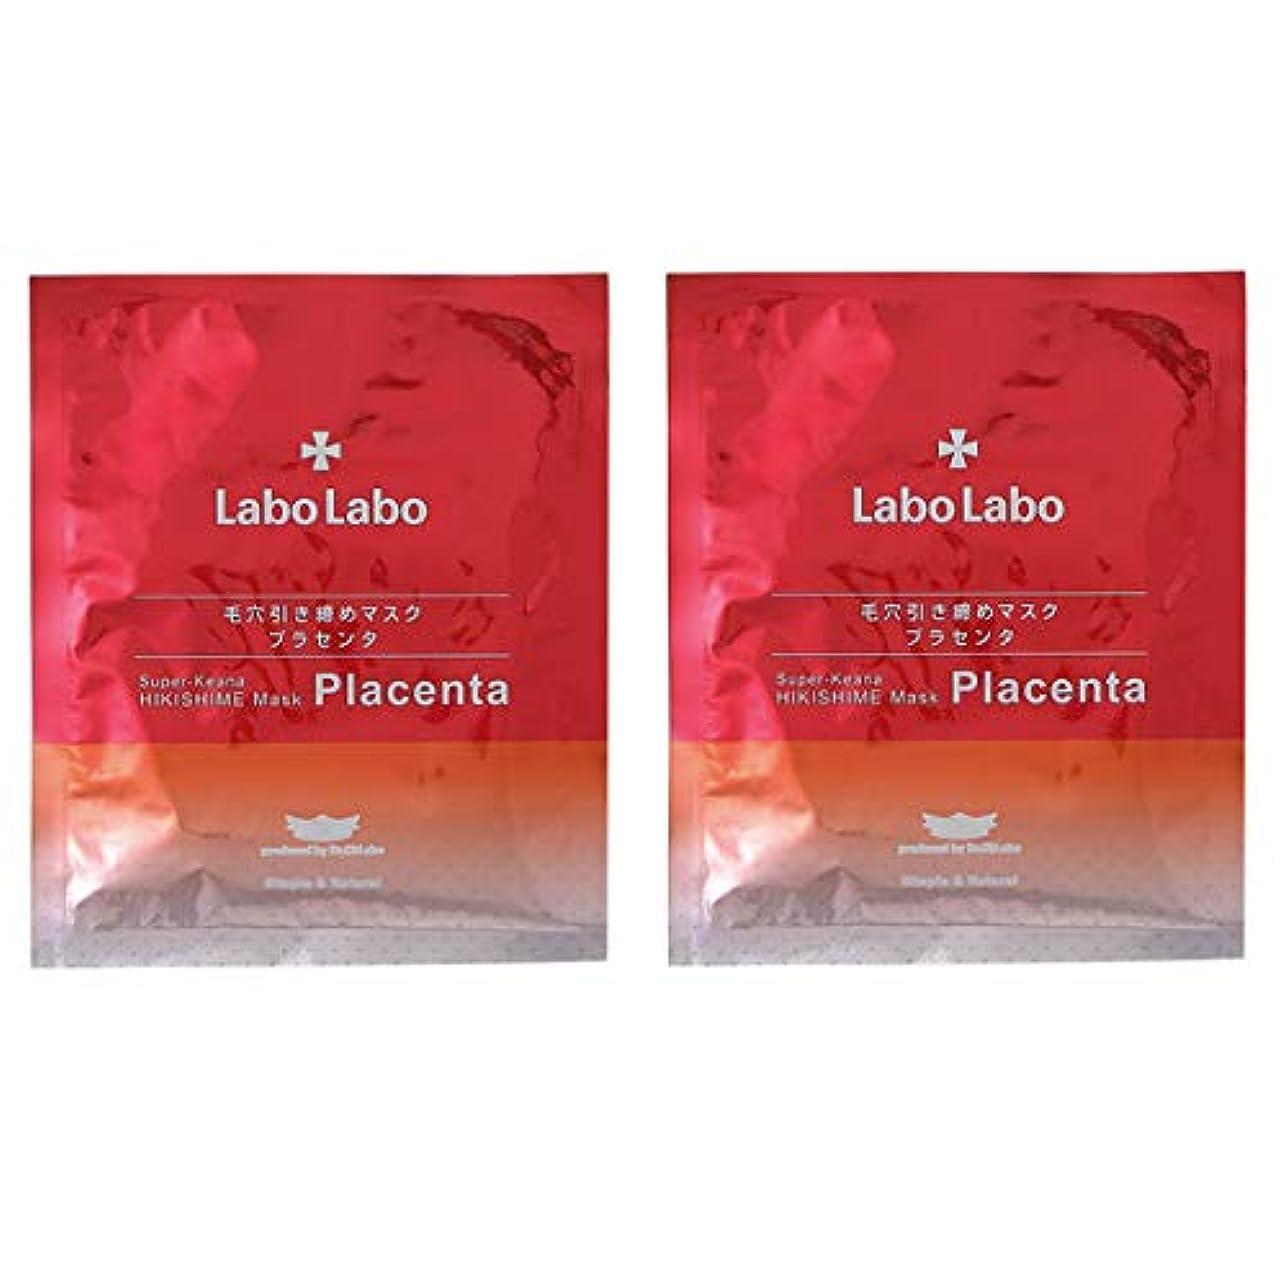 マイクロプロセッサ軽食プロトタイプドクターシーラボ Dr.Ci:Labo ラボラボ スーパー毛穴引き締めマスク プラセンタ 5枚入 2個セット